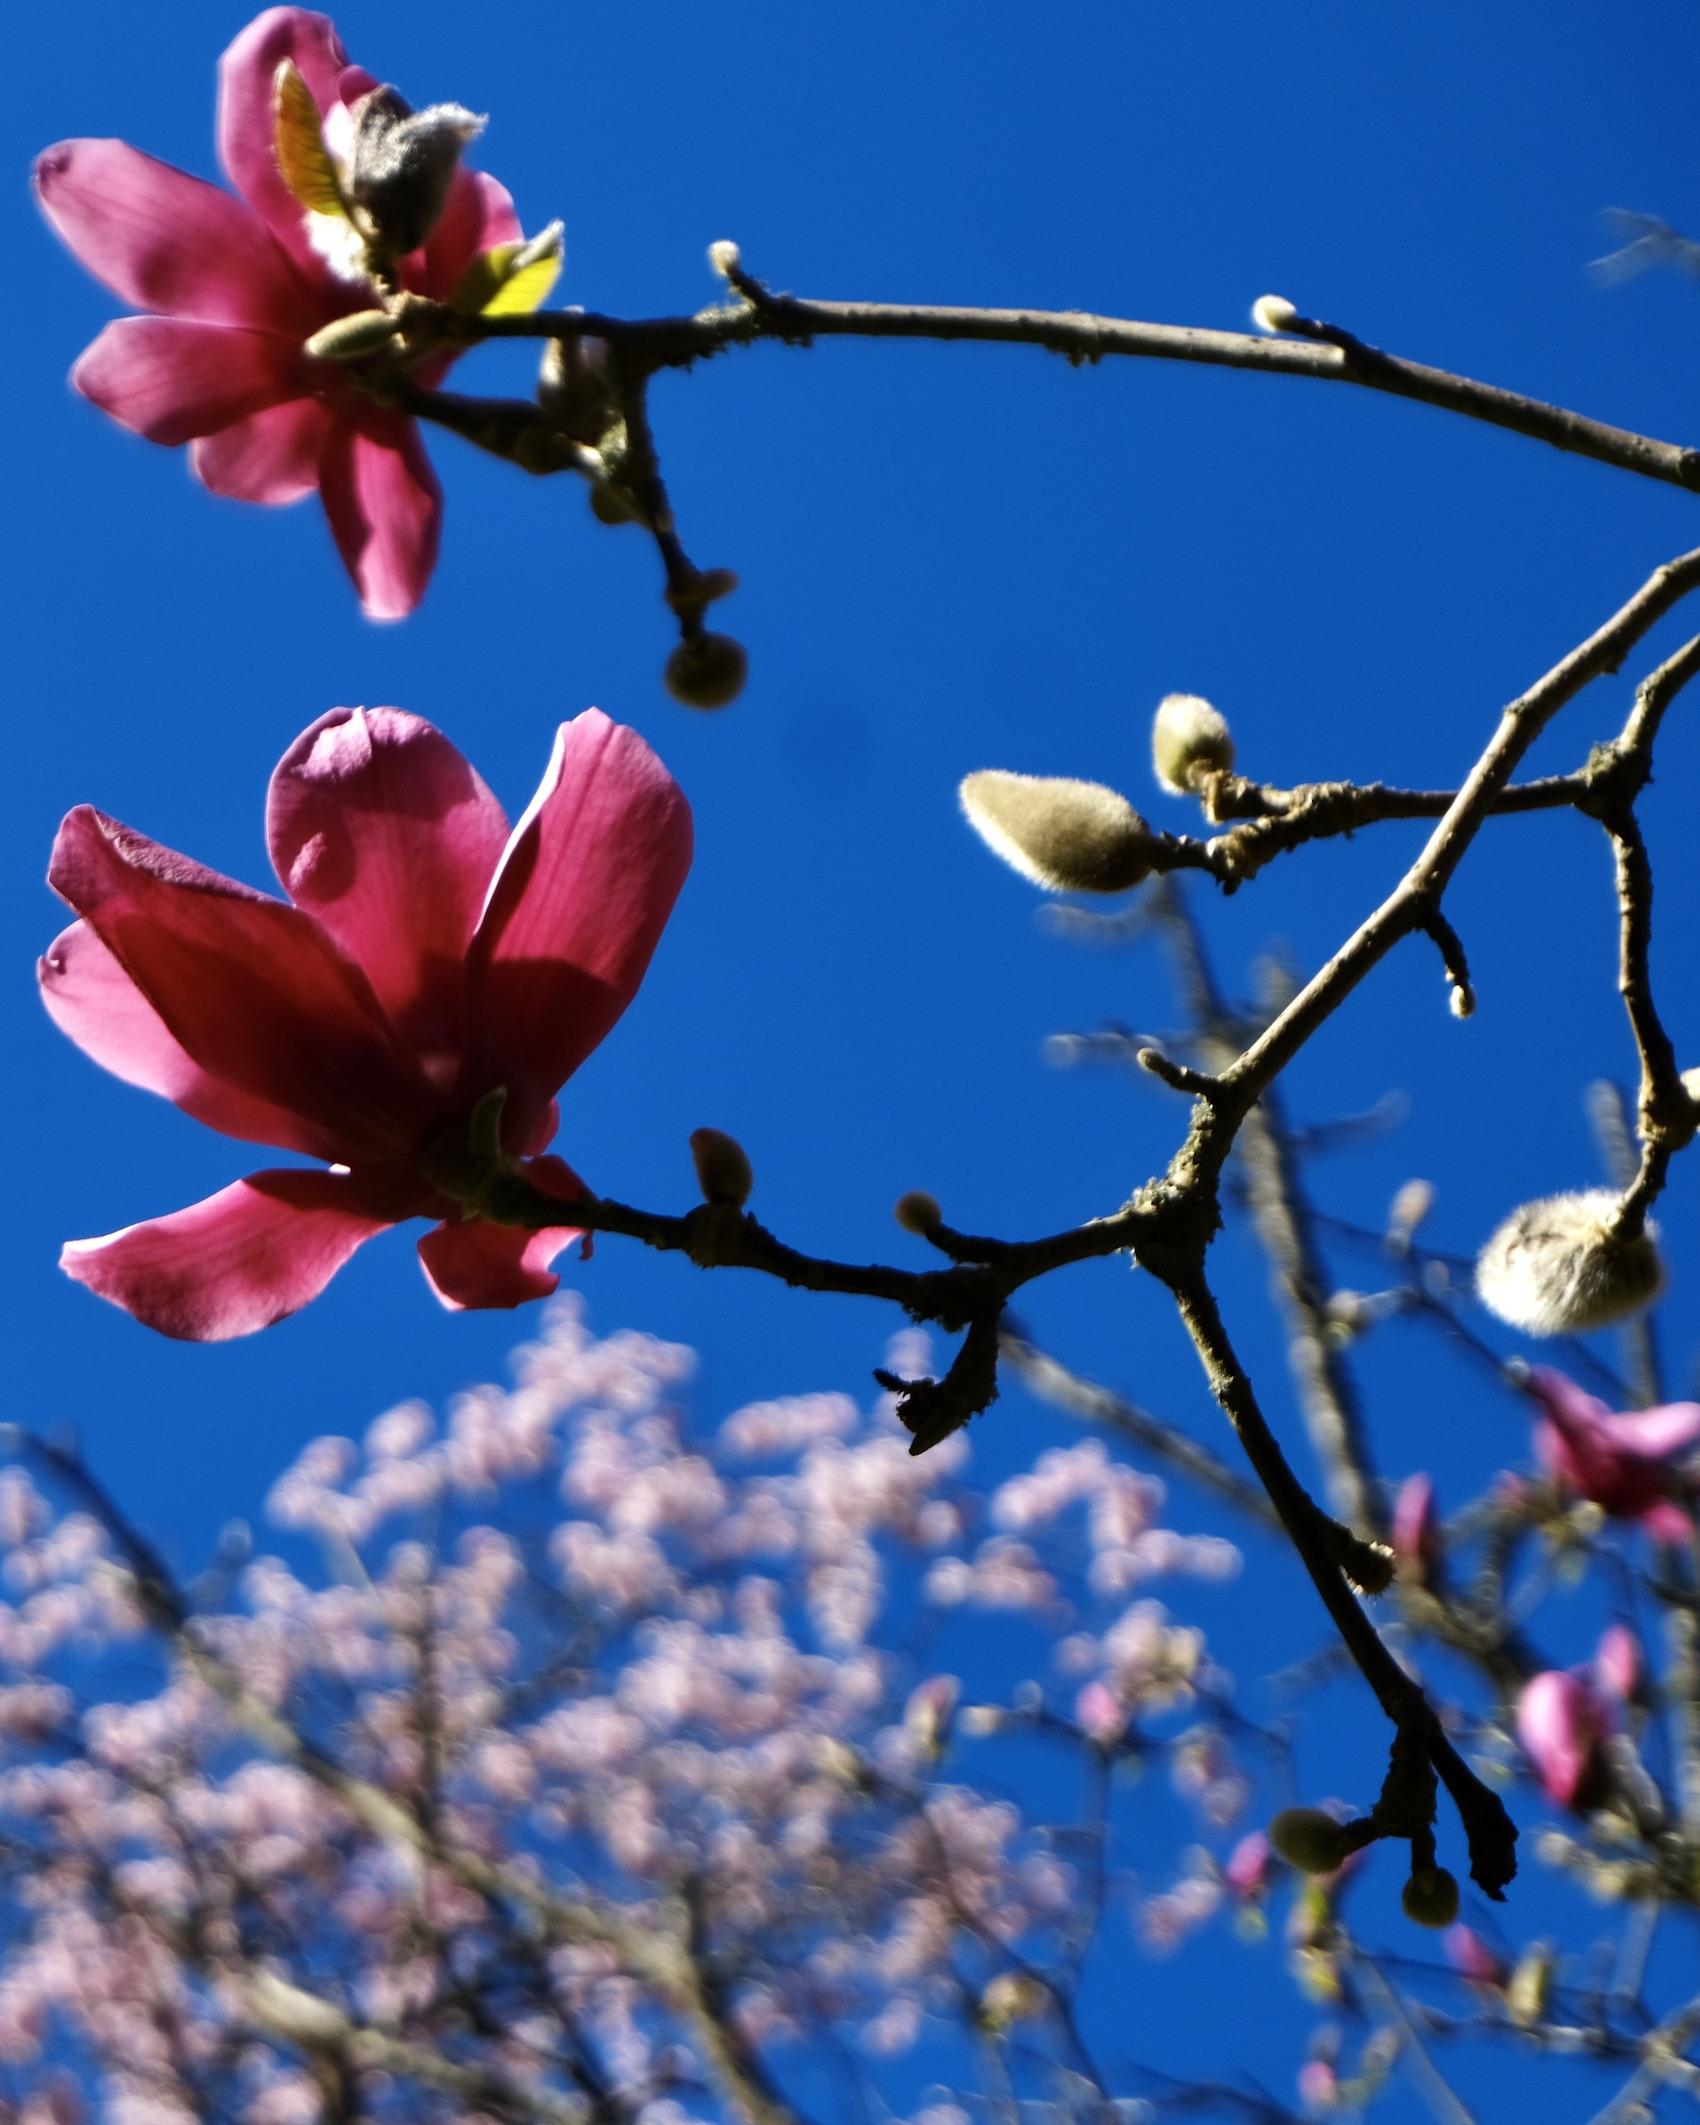 Magnolias in the garden